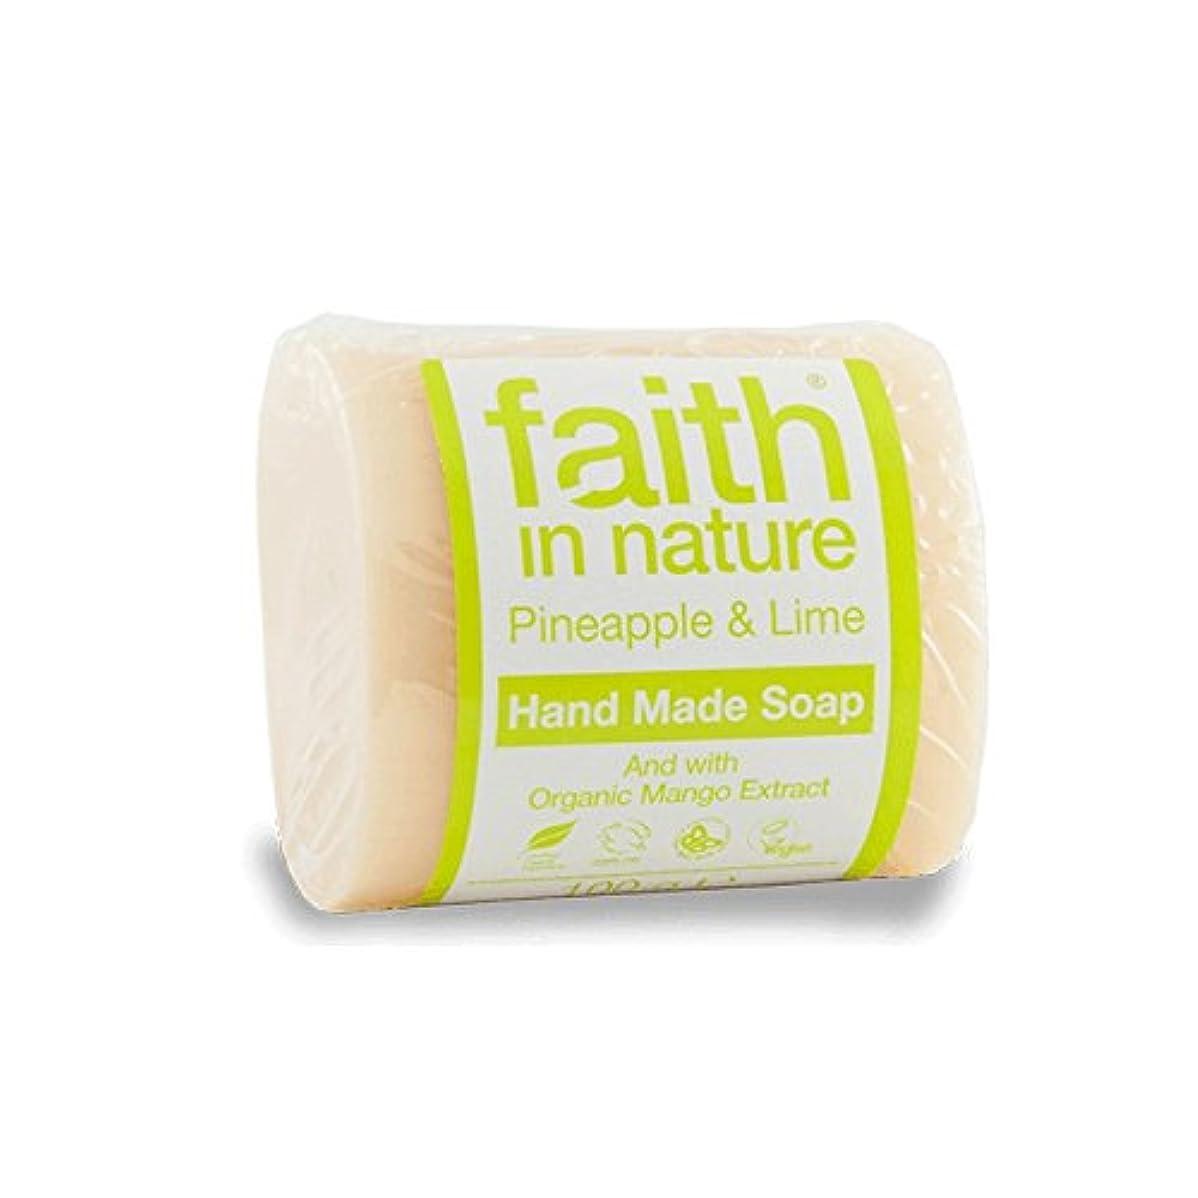 頭痛敗北記念品Faith in Nature Pineapple & Lime Soap 100g (Pack of 2) - 自然パイナップル&ライムソープ100グラムの信仰 (x2) [並行輸入品]